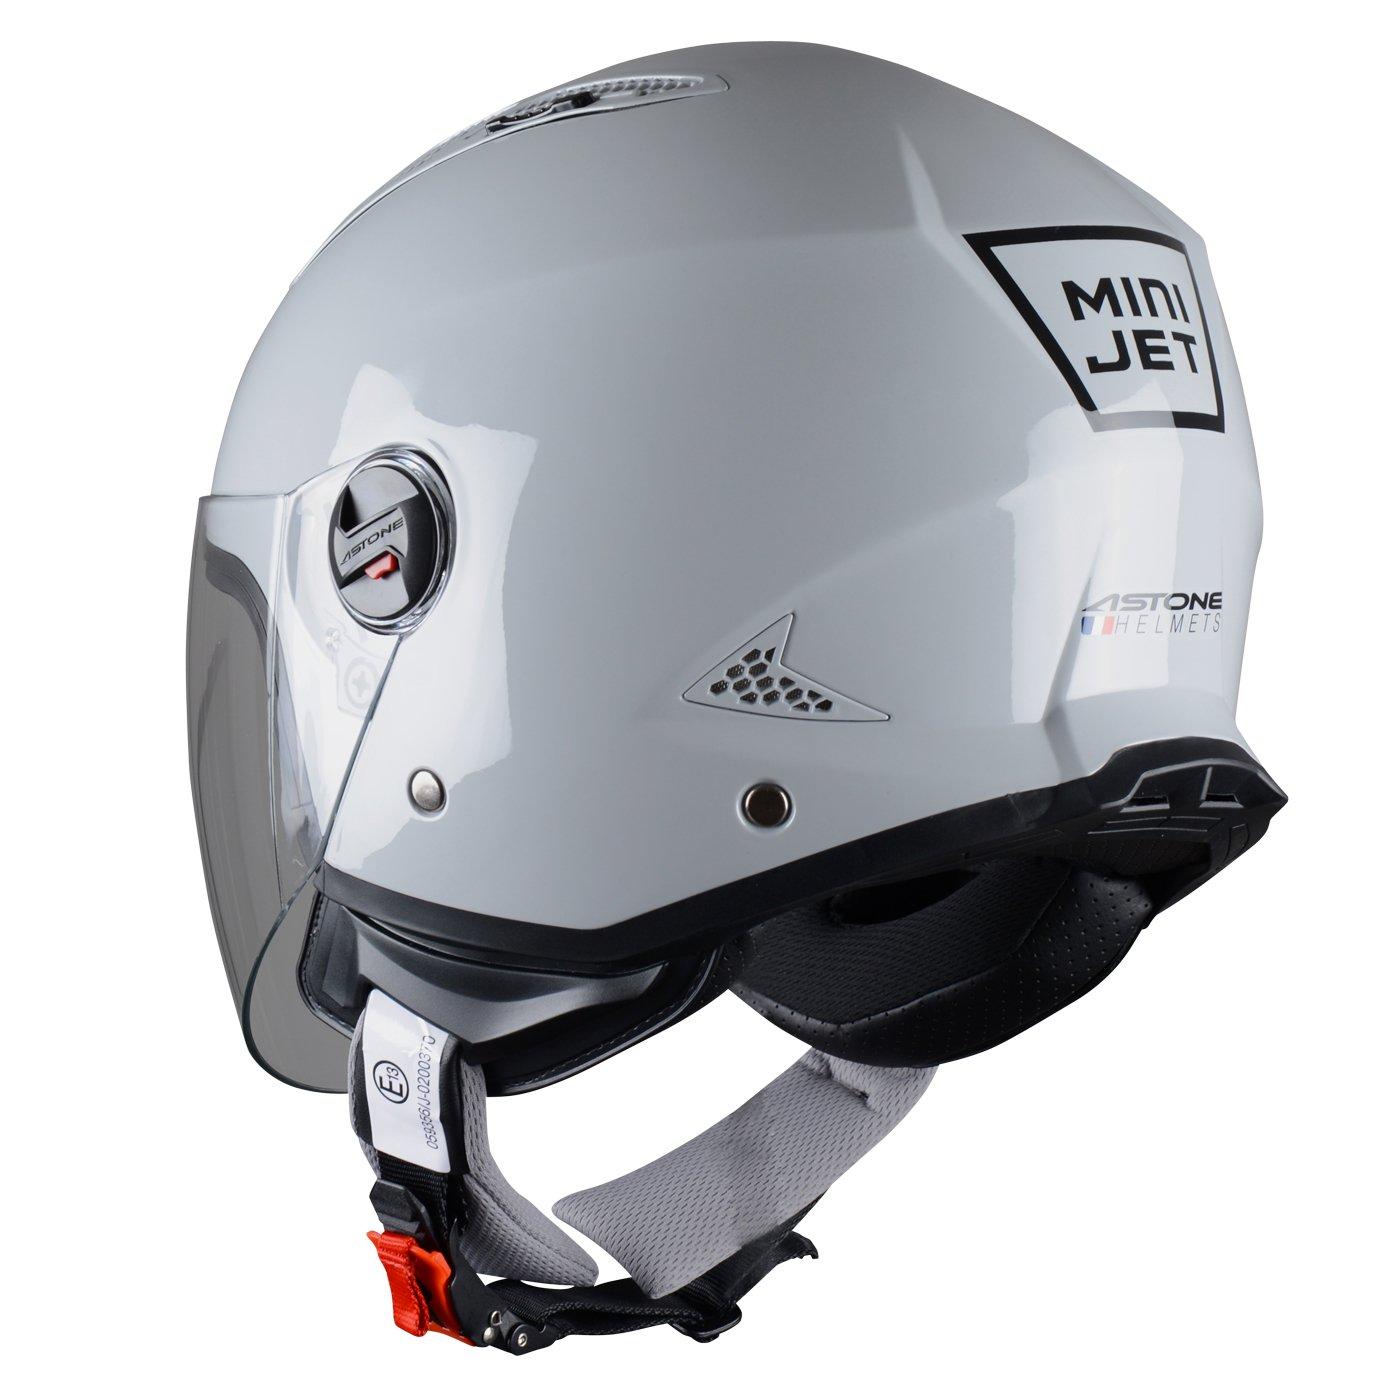 Coque en polycarbonate Black Gloss Astone Helmets Casque moto et scooter compact Casque jet MINIJET monocolor Casque jet urbain